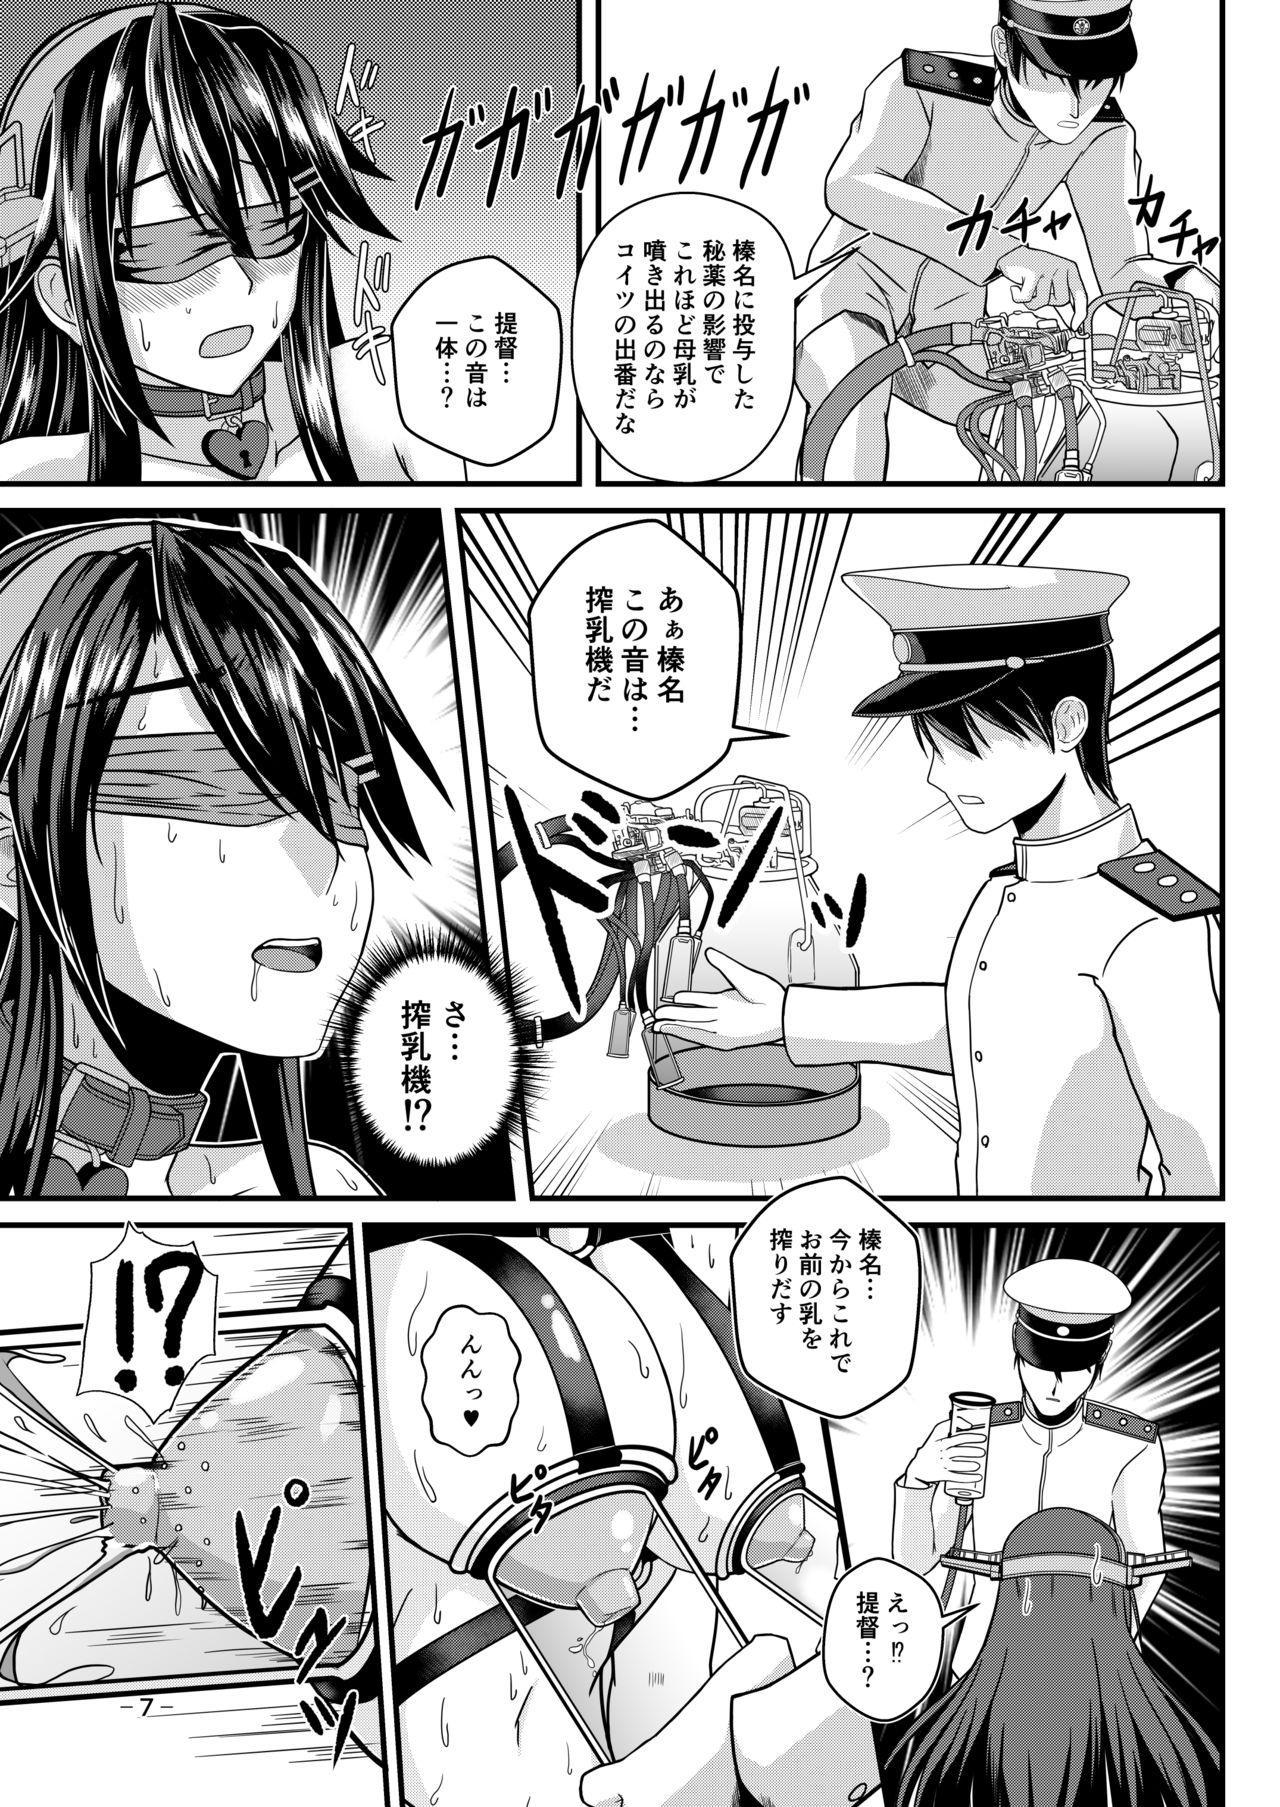 Hai, Haruna wa Daijoubu desu! Haruna x Sakunyuu x Juukan 5